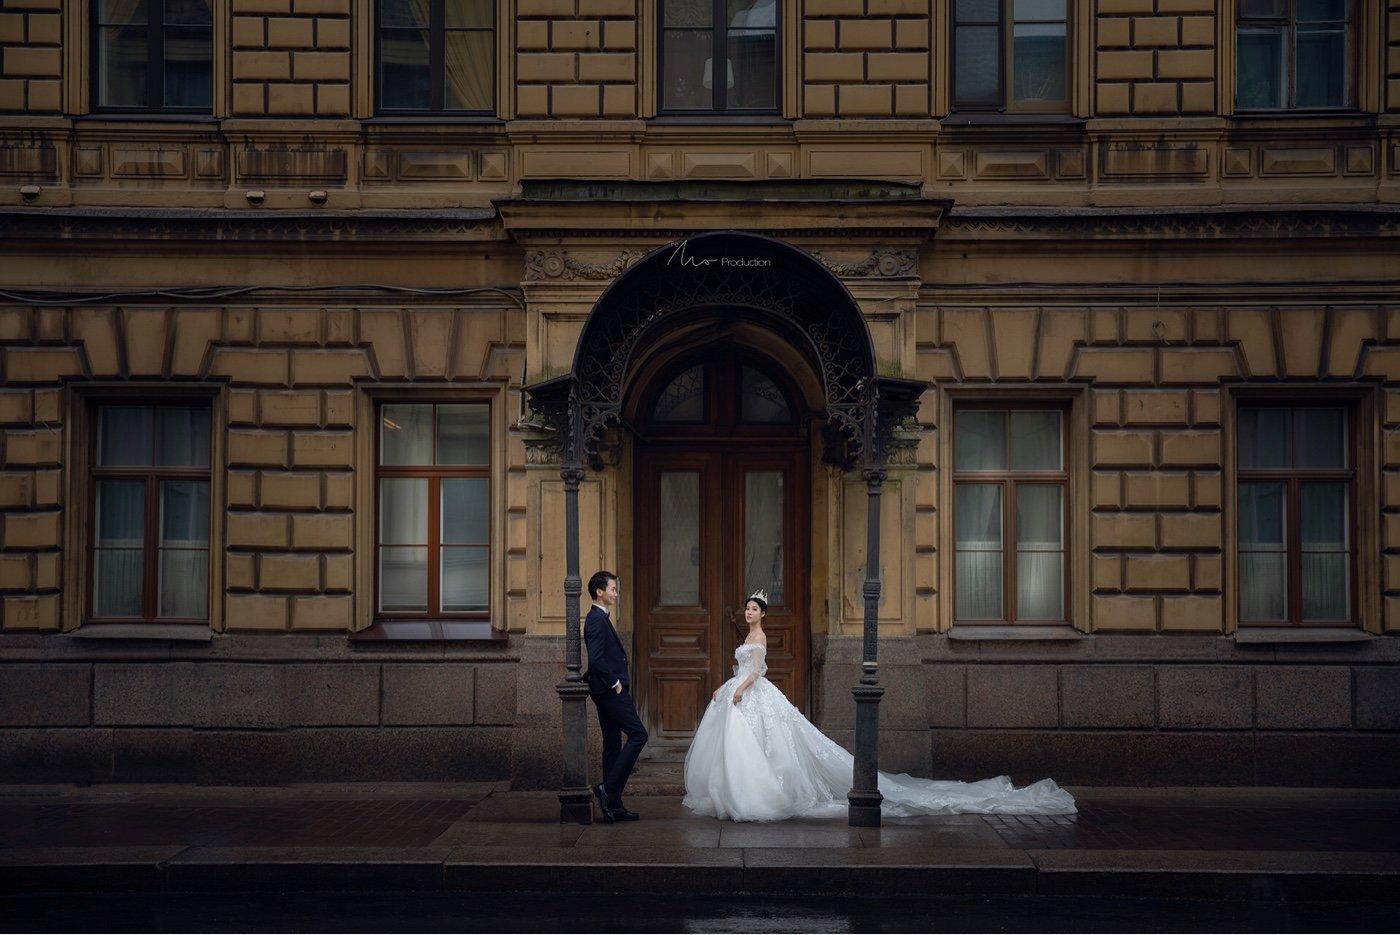 MoFoTo | 婚纱旅拍  圣彼得堡3